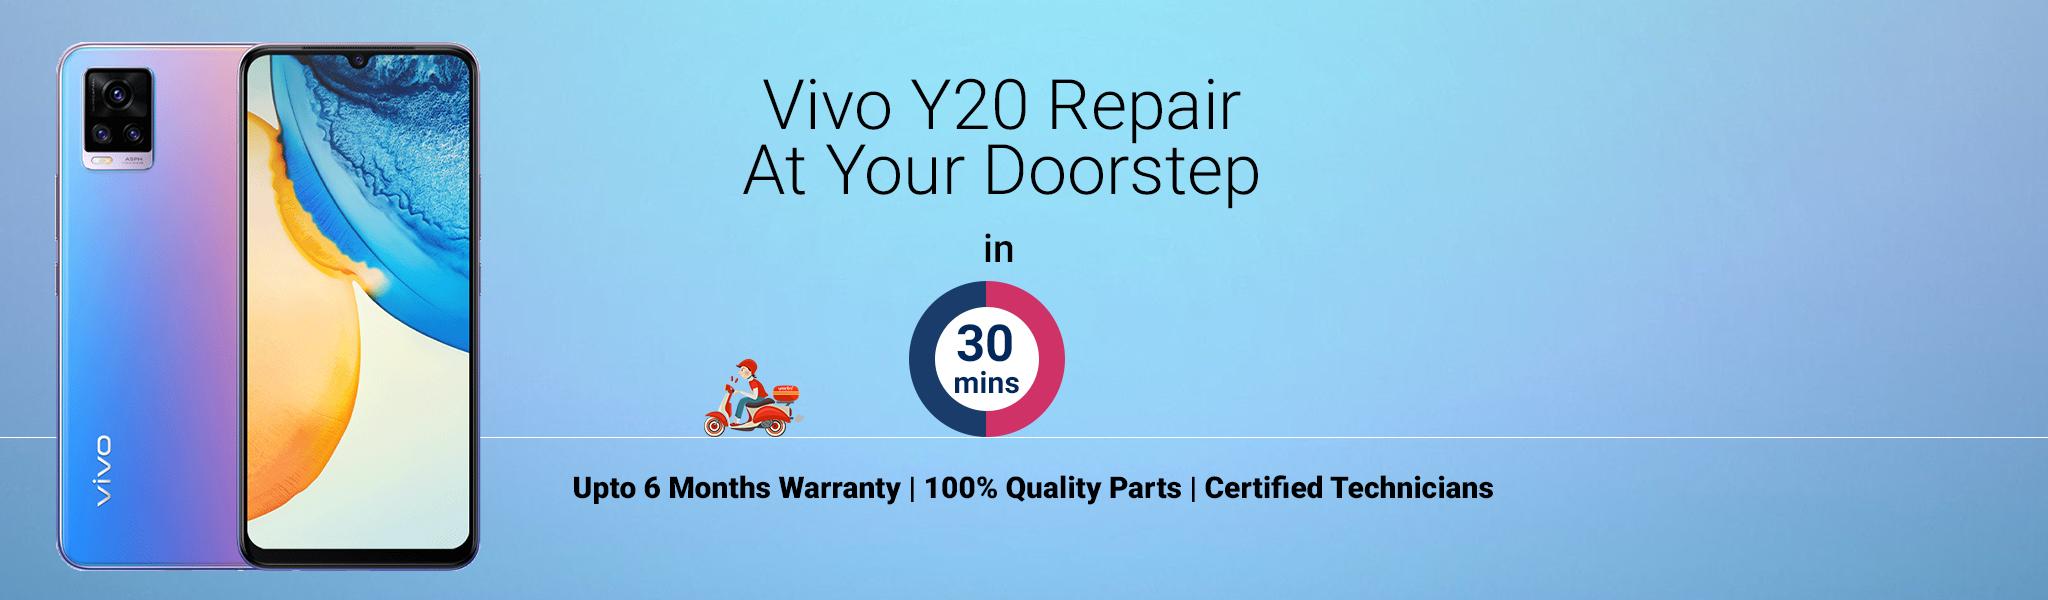 vivo-y20-repair.jpg